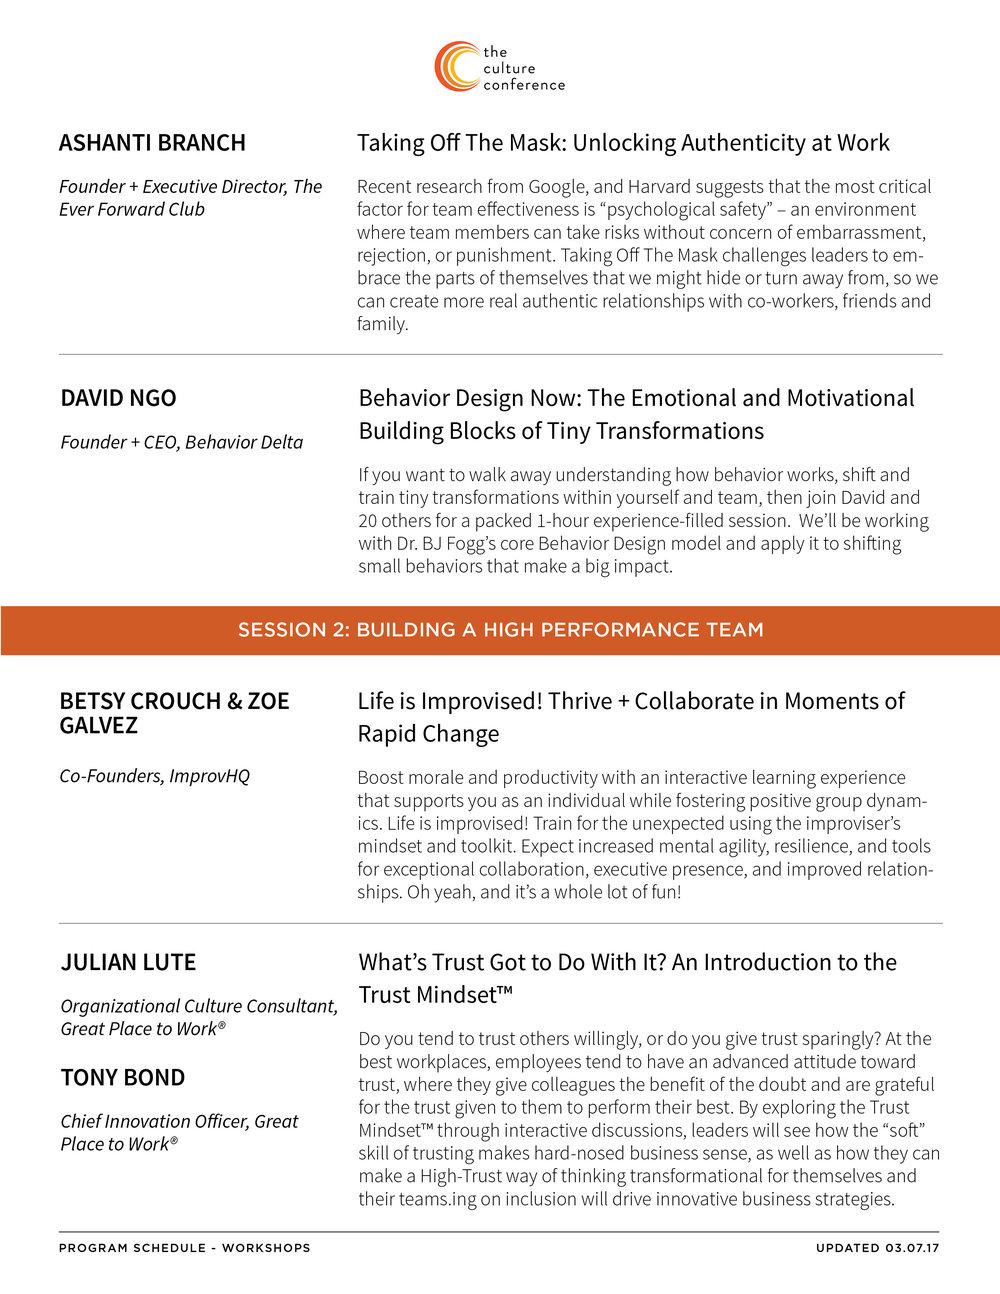 Program Schedule_Workshops_v22.jpg